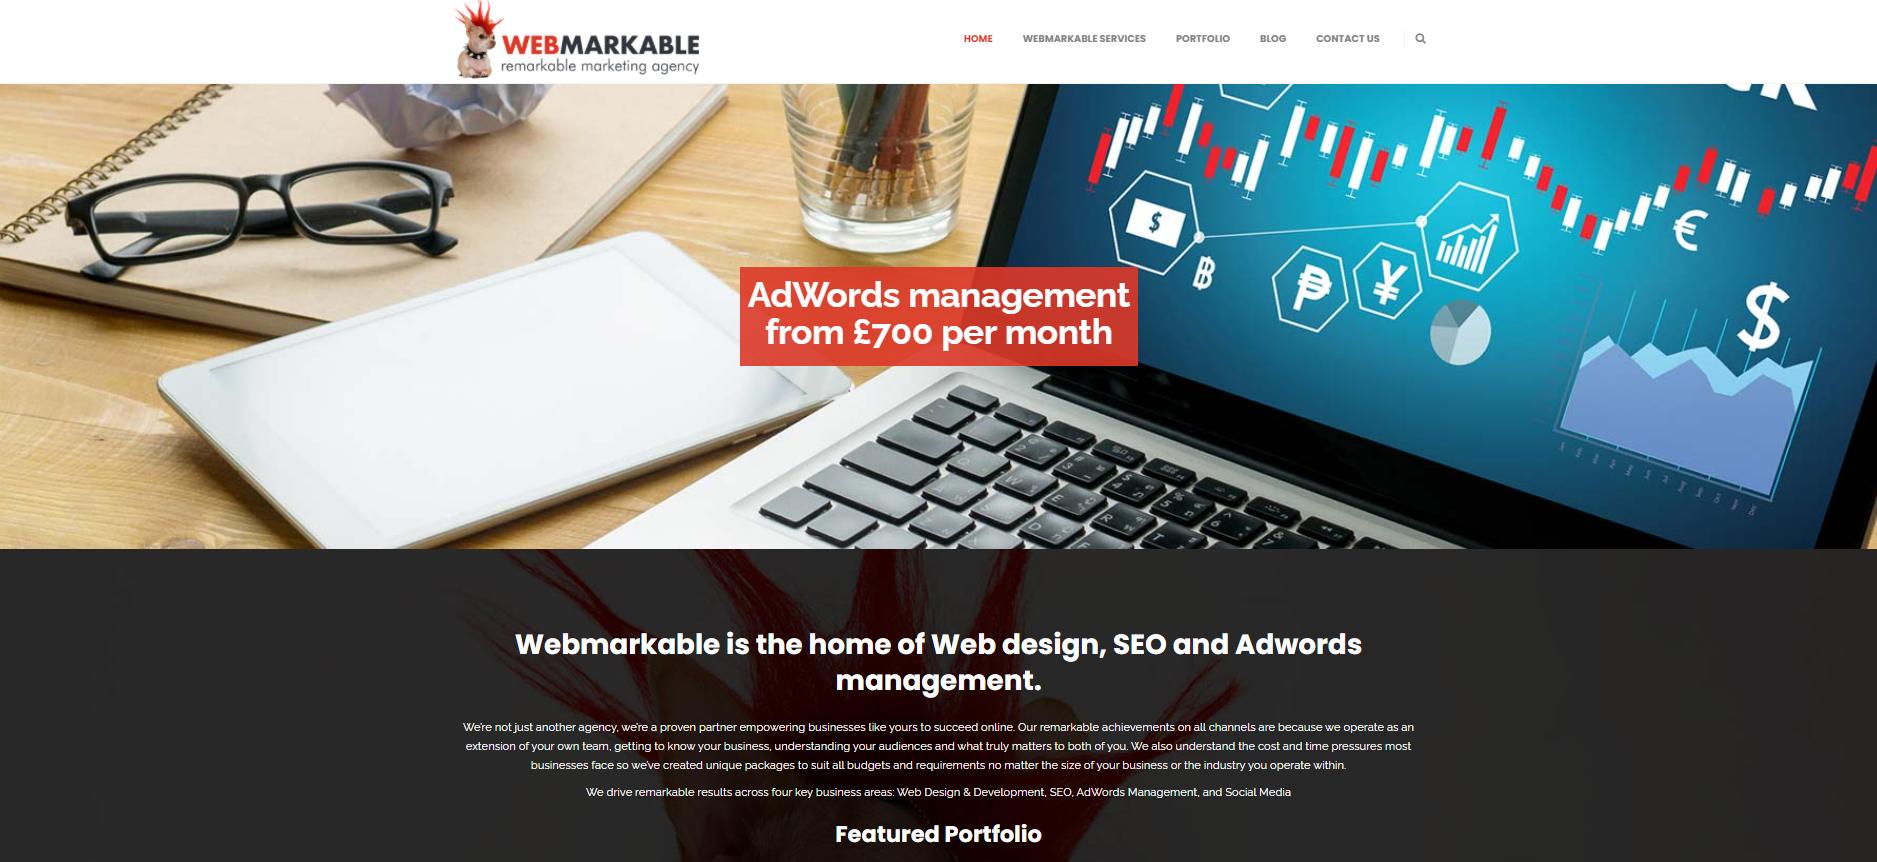 webmarkable